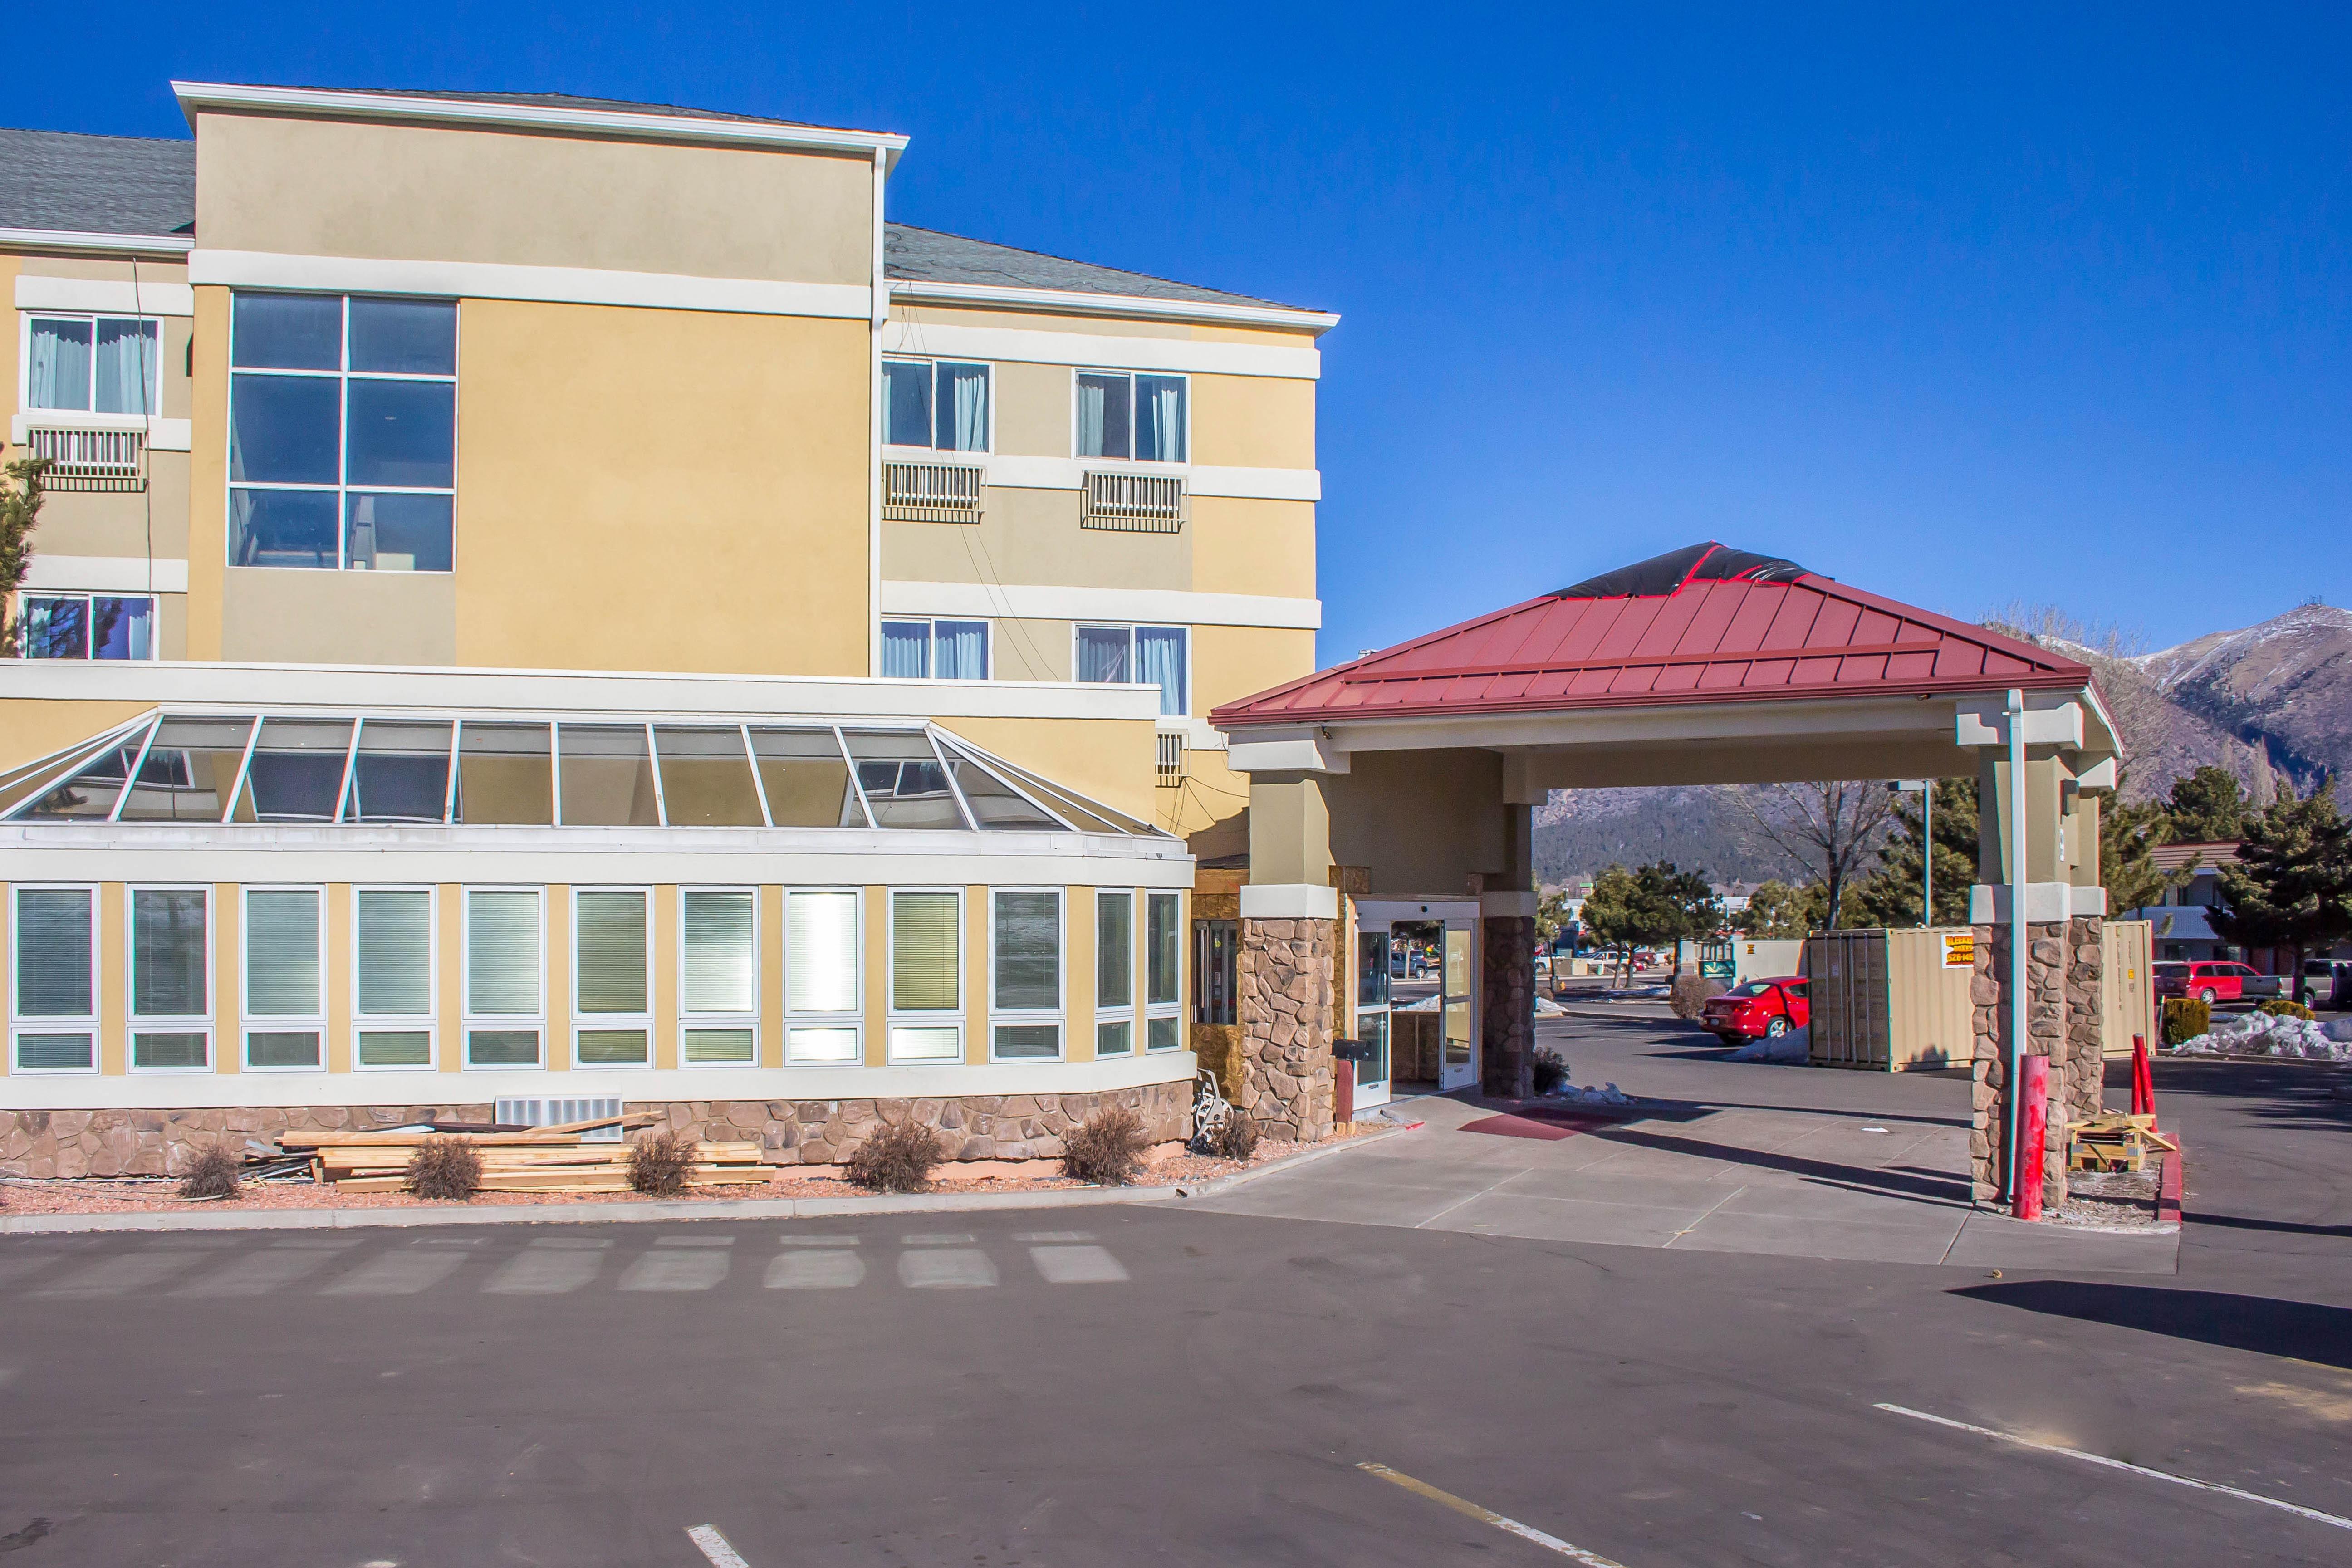 Flagstaff Az Hotels Comfort Inn